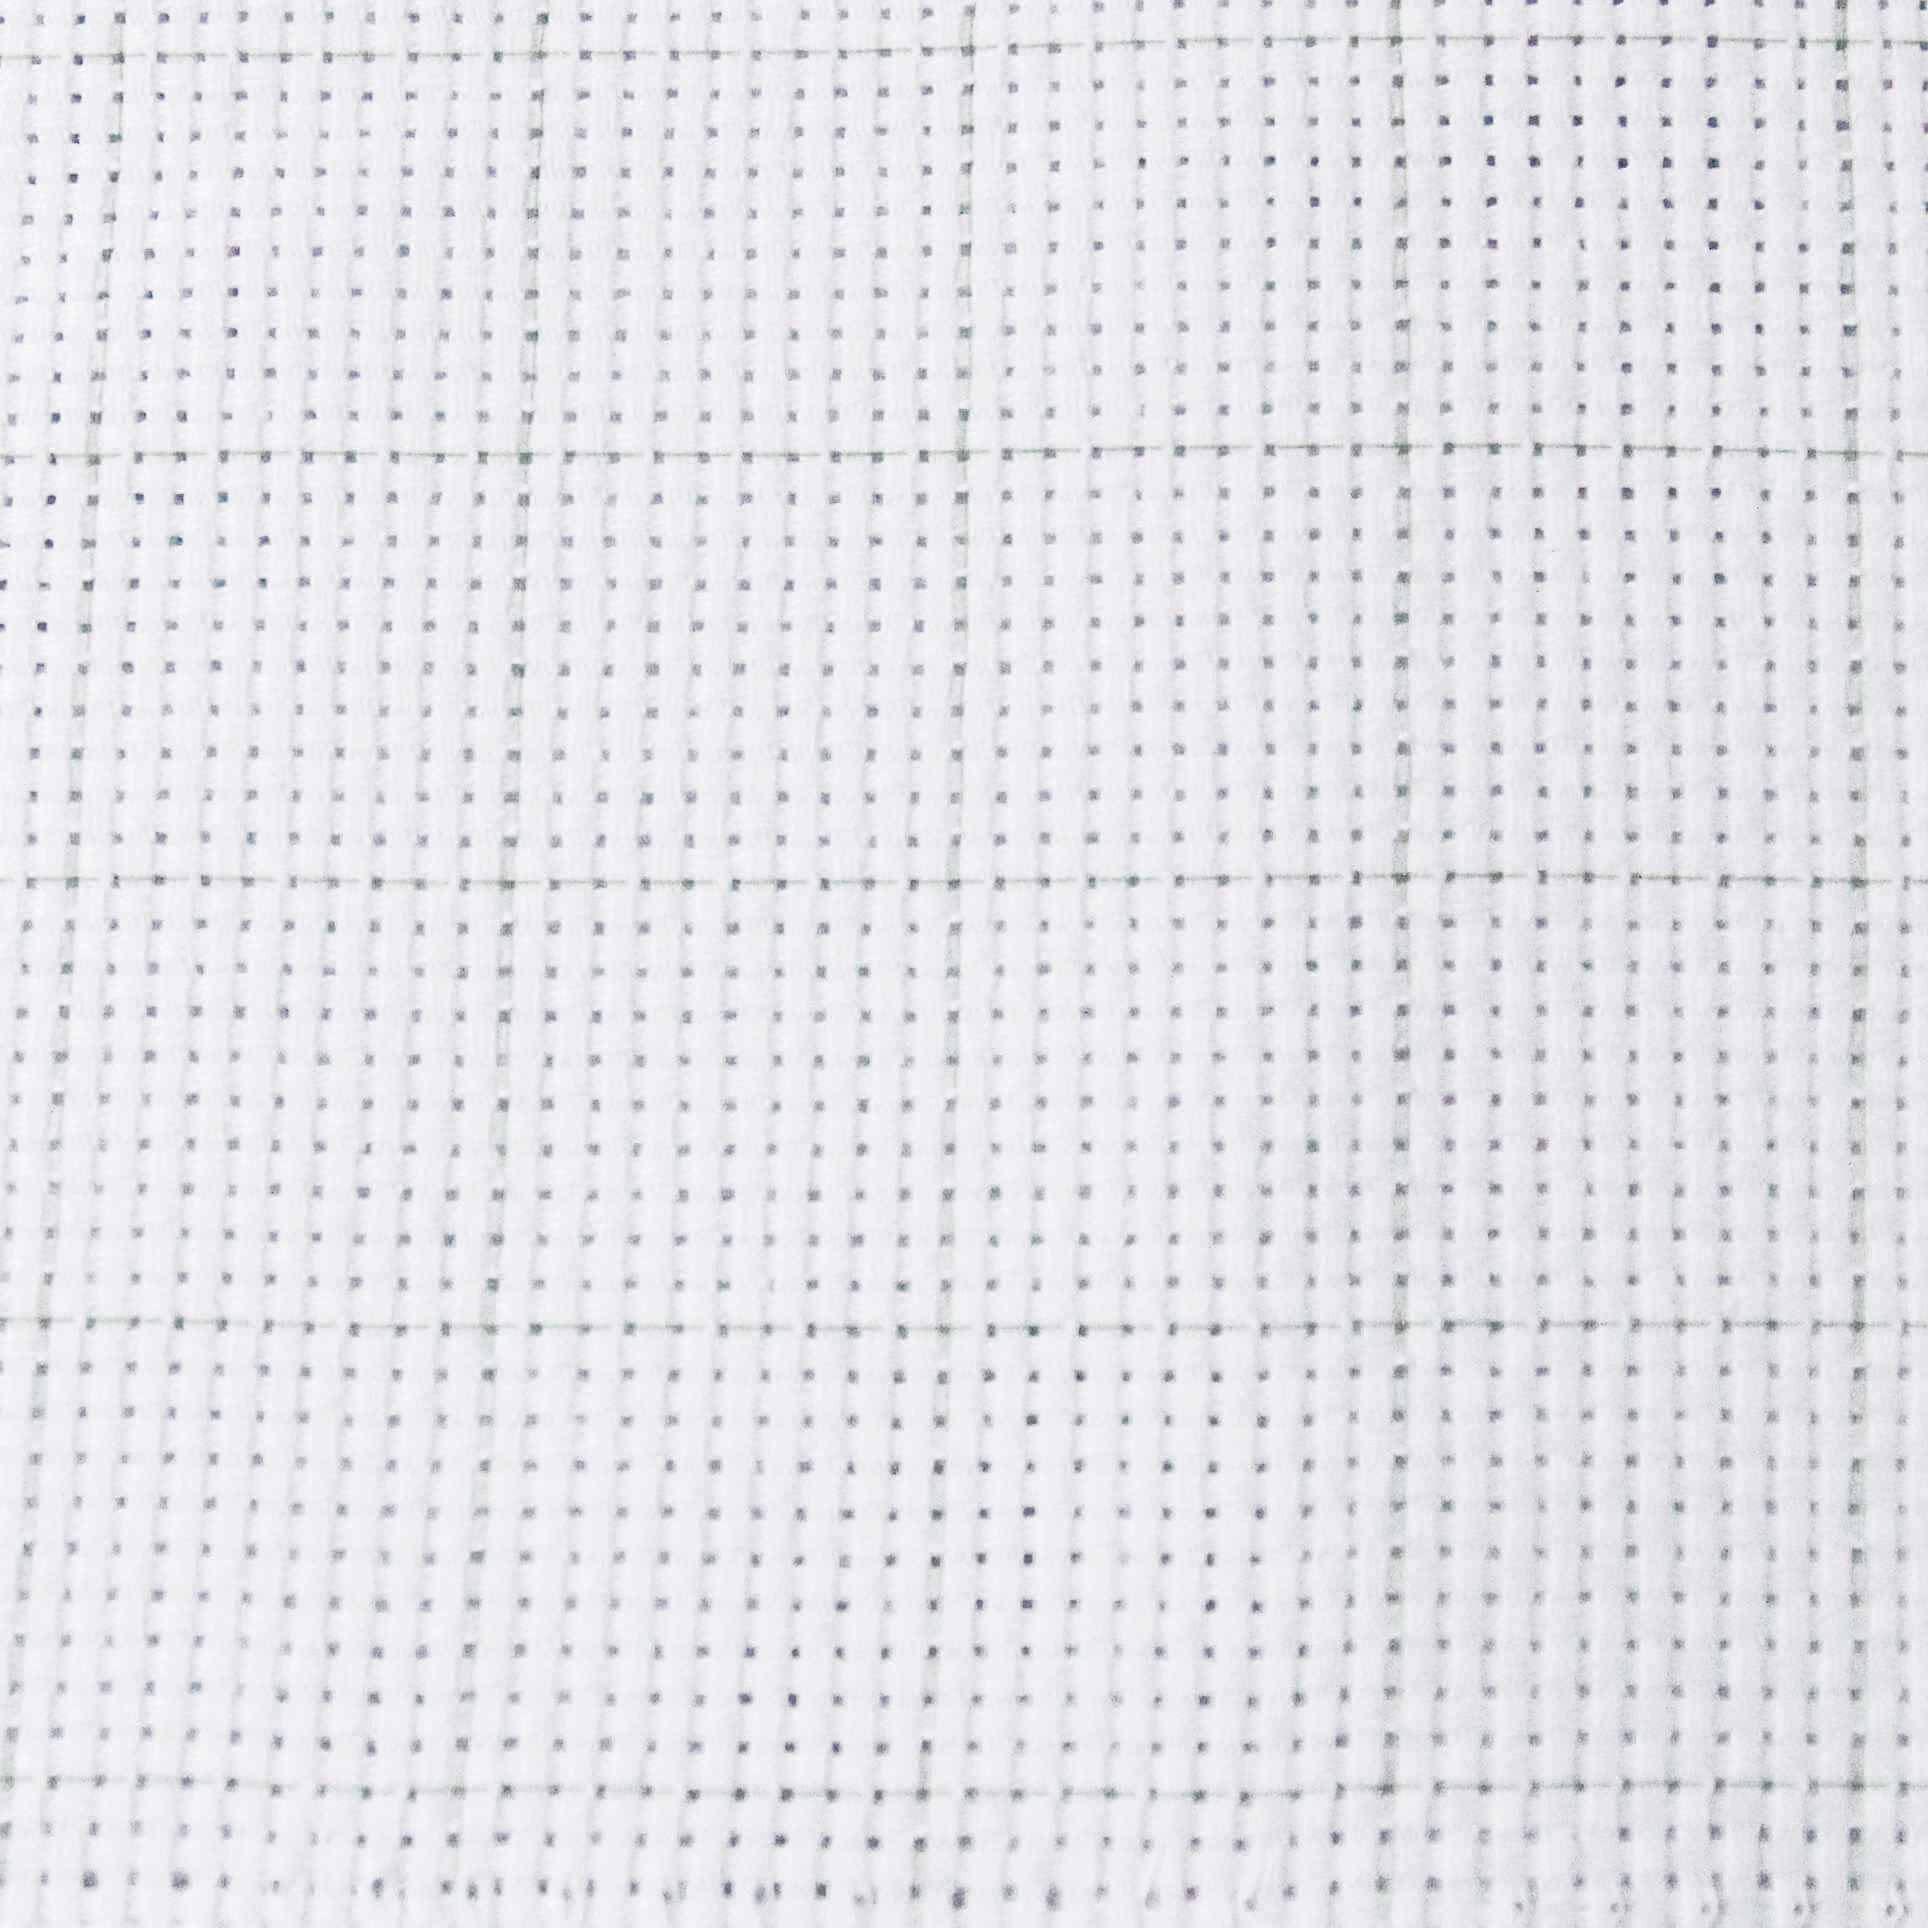 Канва Gamma К03R Аида белый в клетку шир. 150 11ct 45/10 кл.